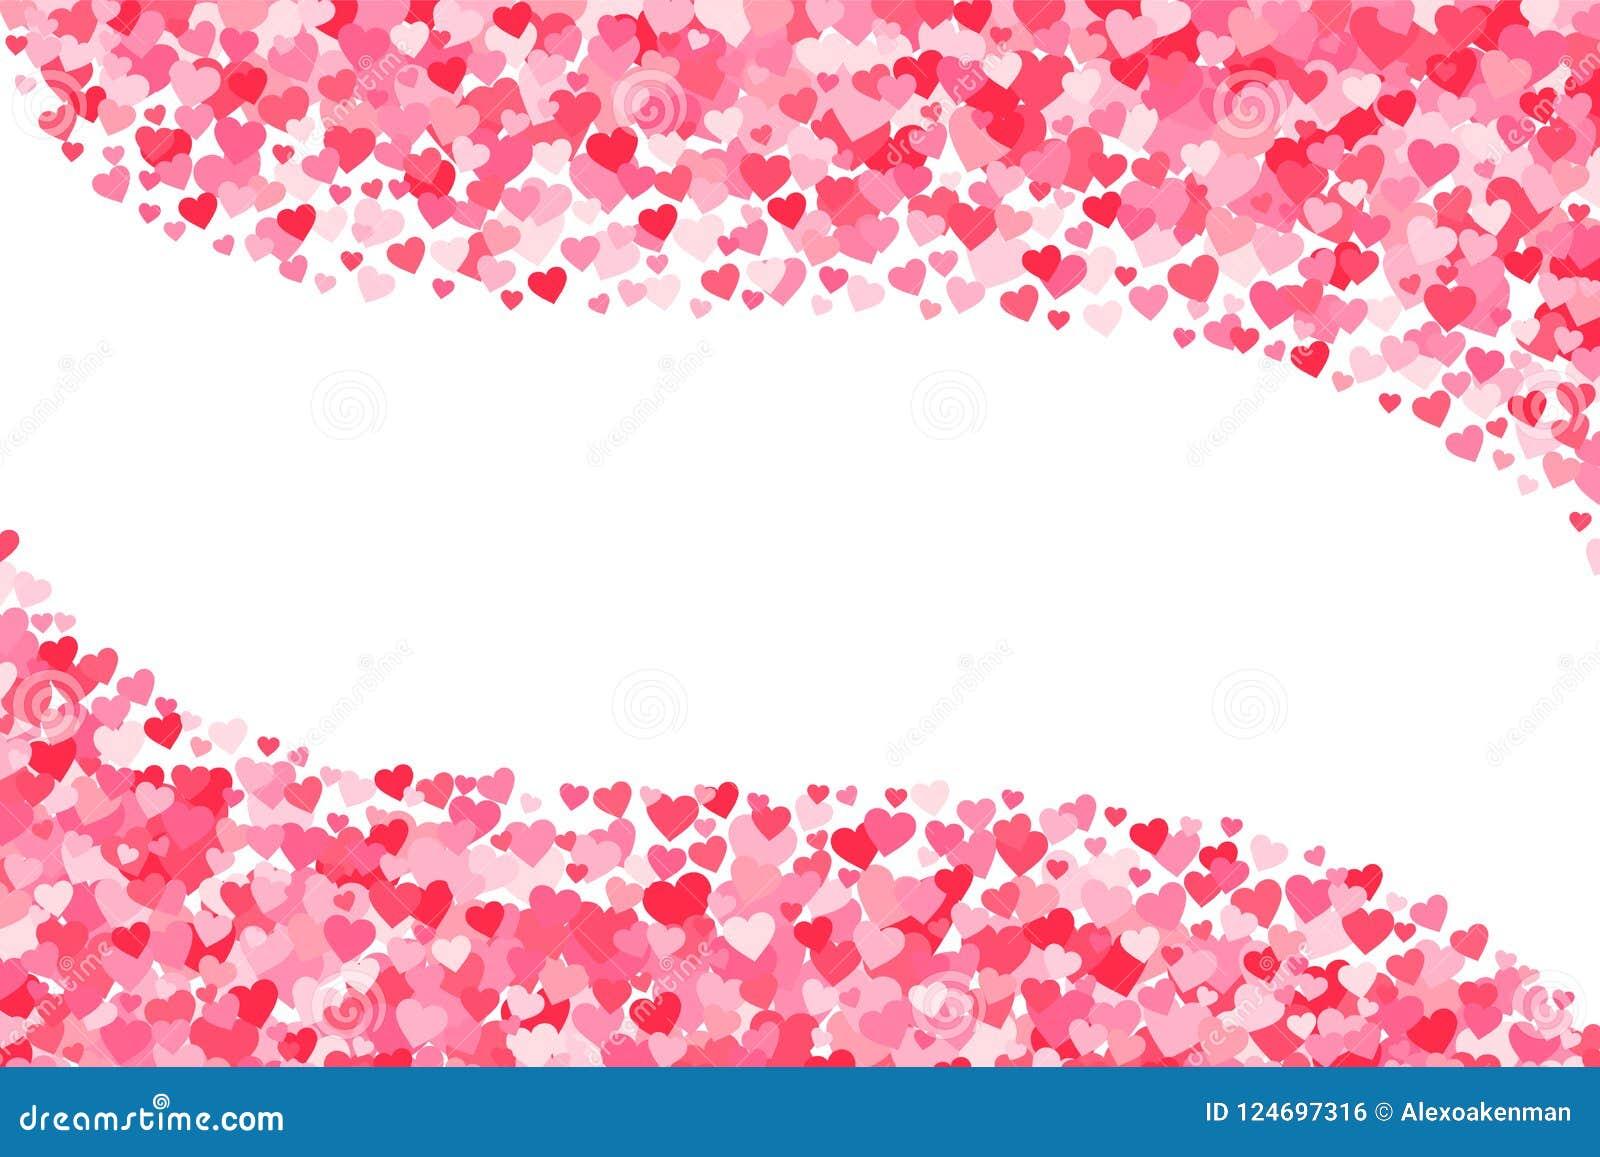 Vector el fondo rosado y rojo de los corazones de los días de tarjetas del día de San Valentín